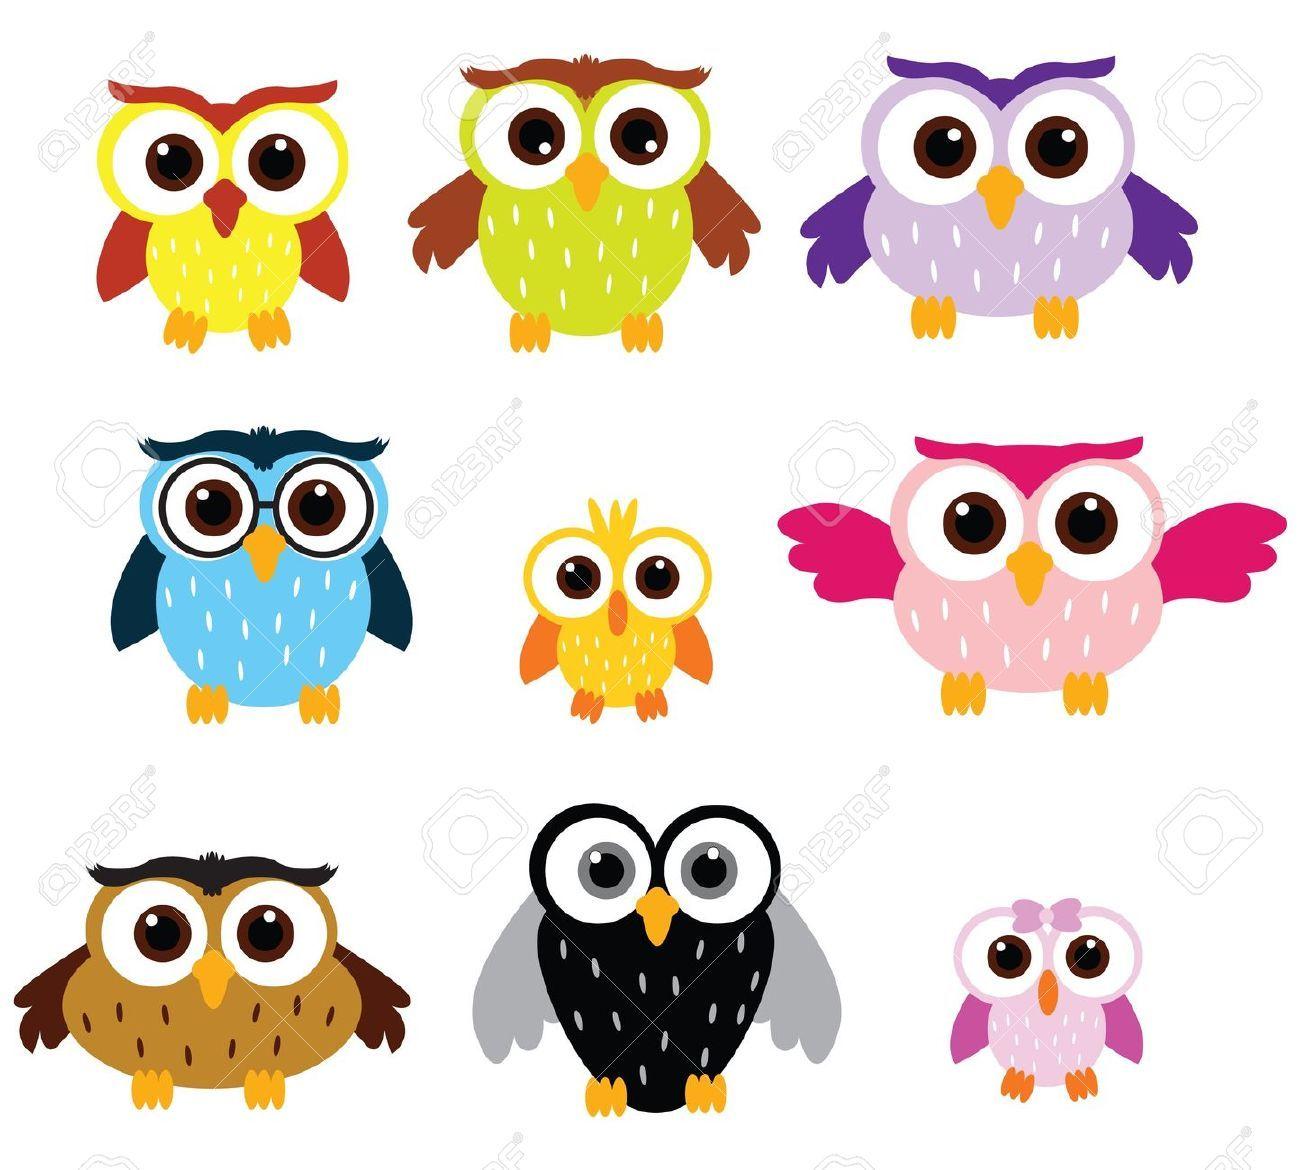 Cartoon Owl Stock Photos Images, Royalty Free Cartoon Owl Images ...